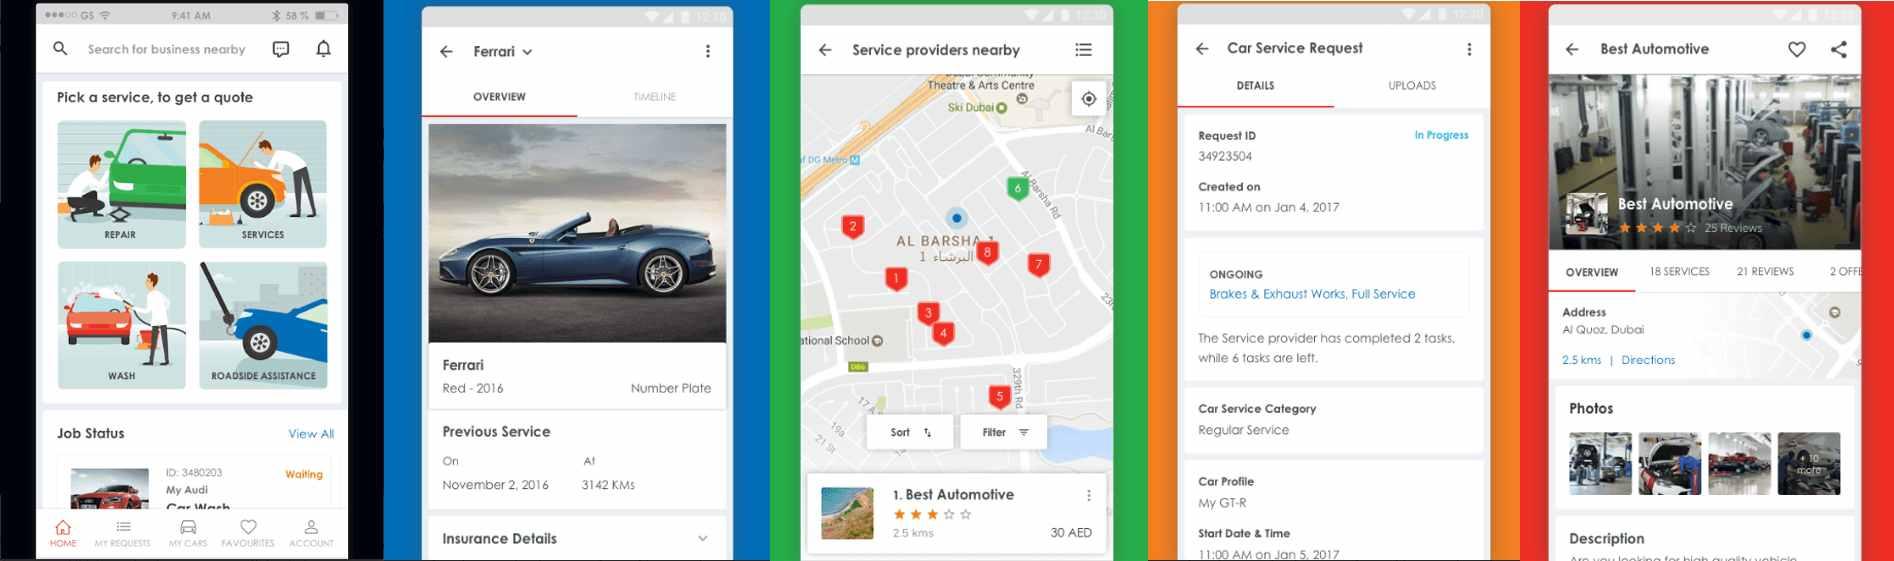 car service app Dubai